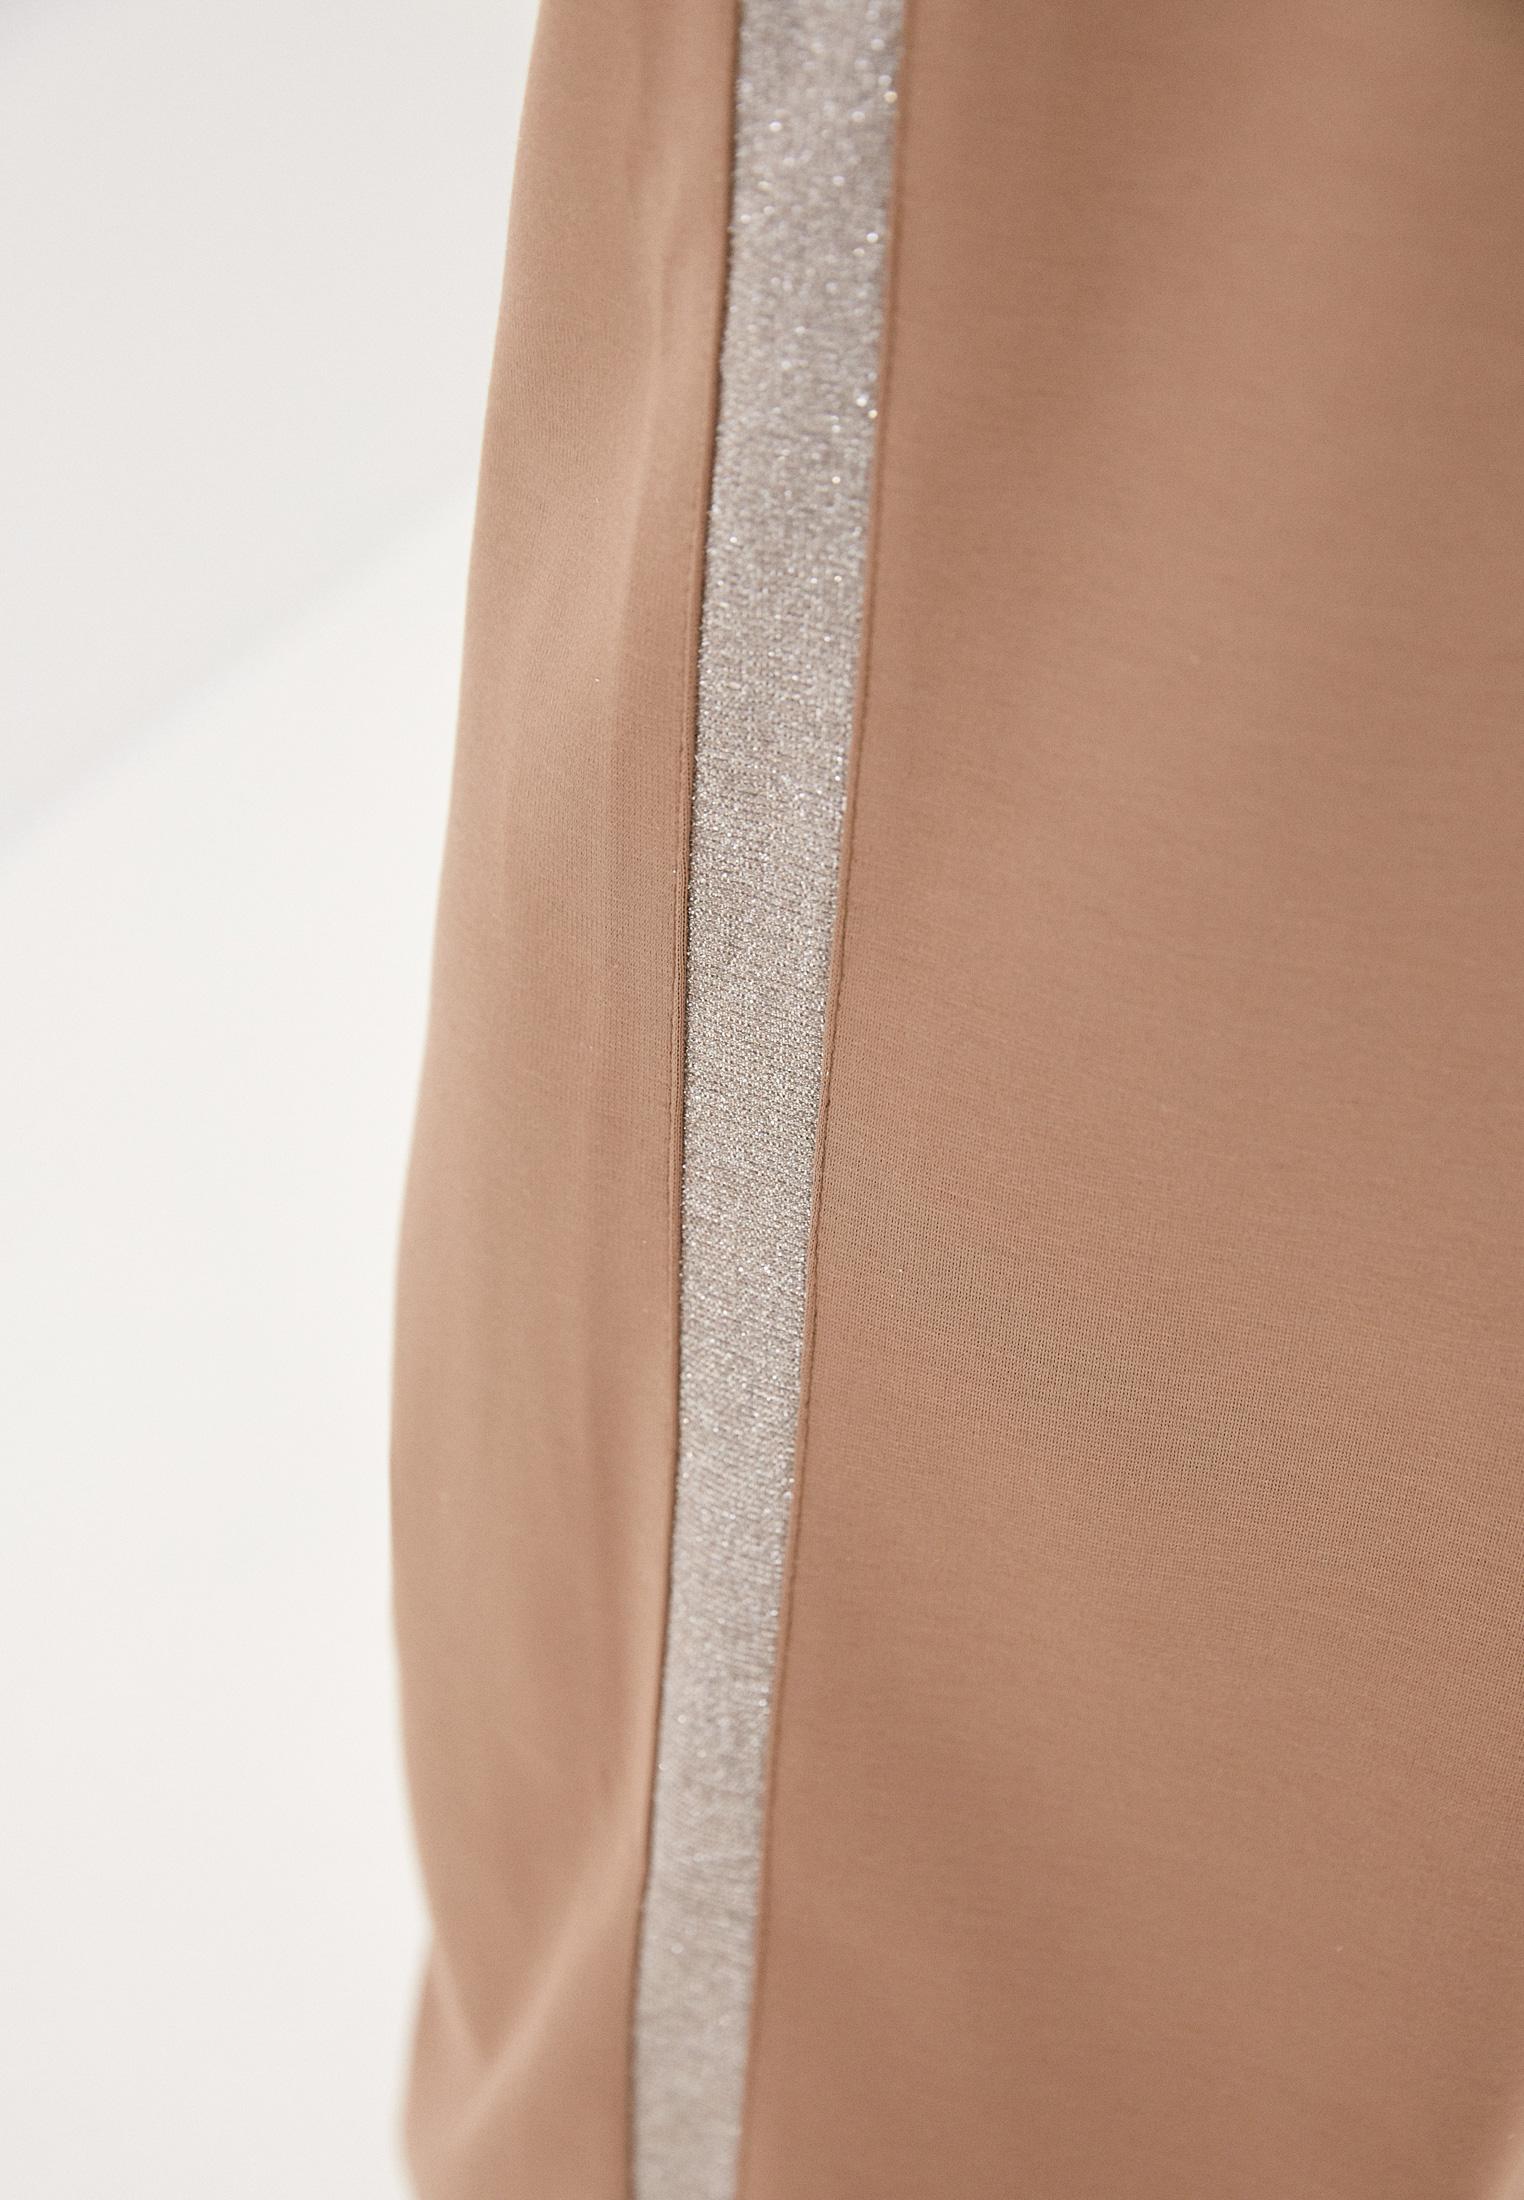 Женские широкие и расклешенные брюки Nataliy Beate Брюки мод 509 а: изображение 4